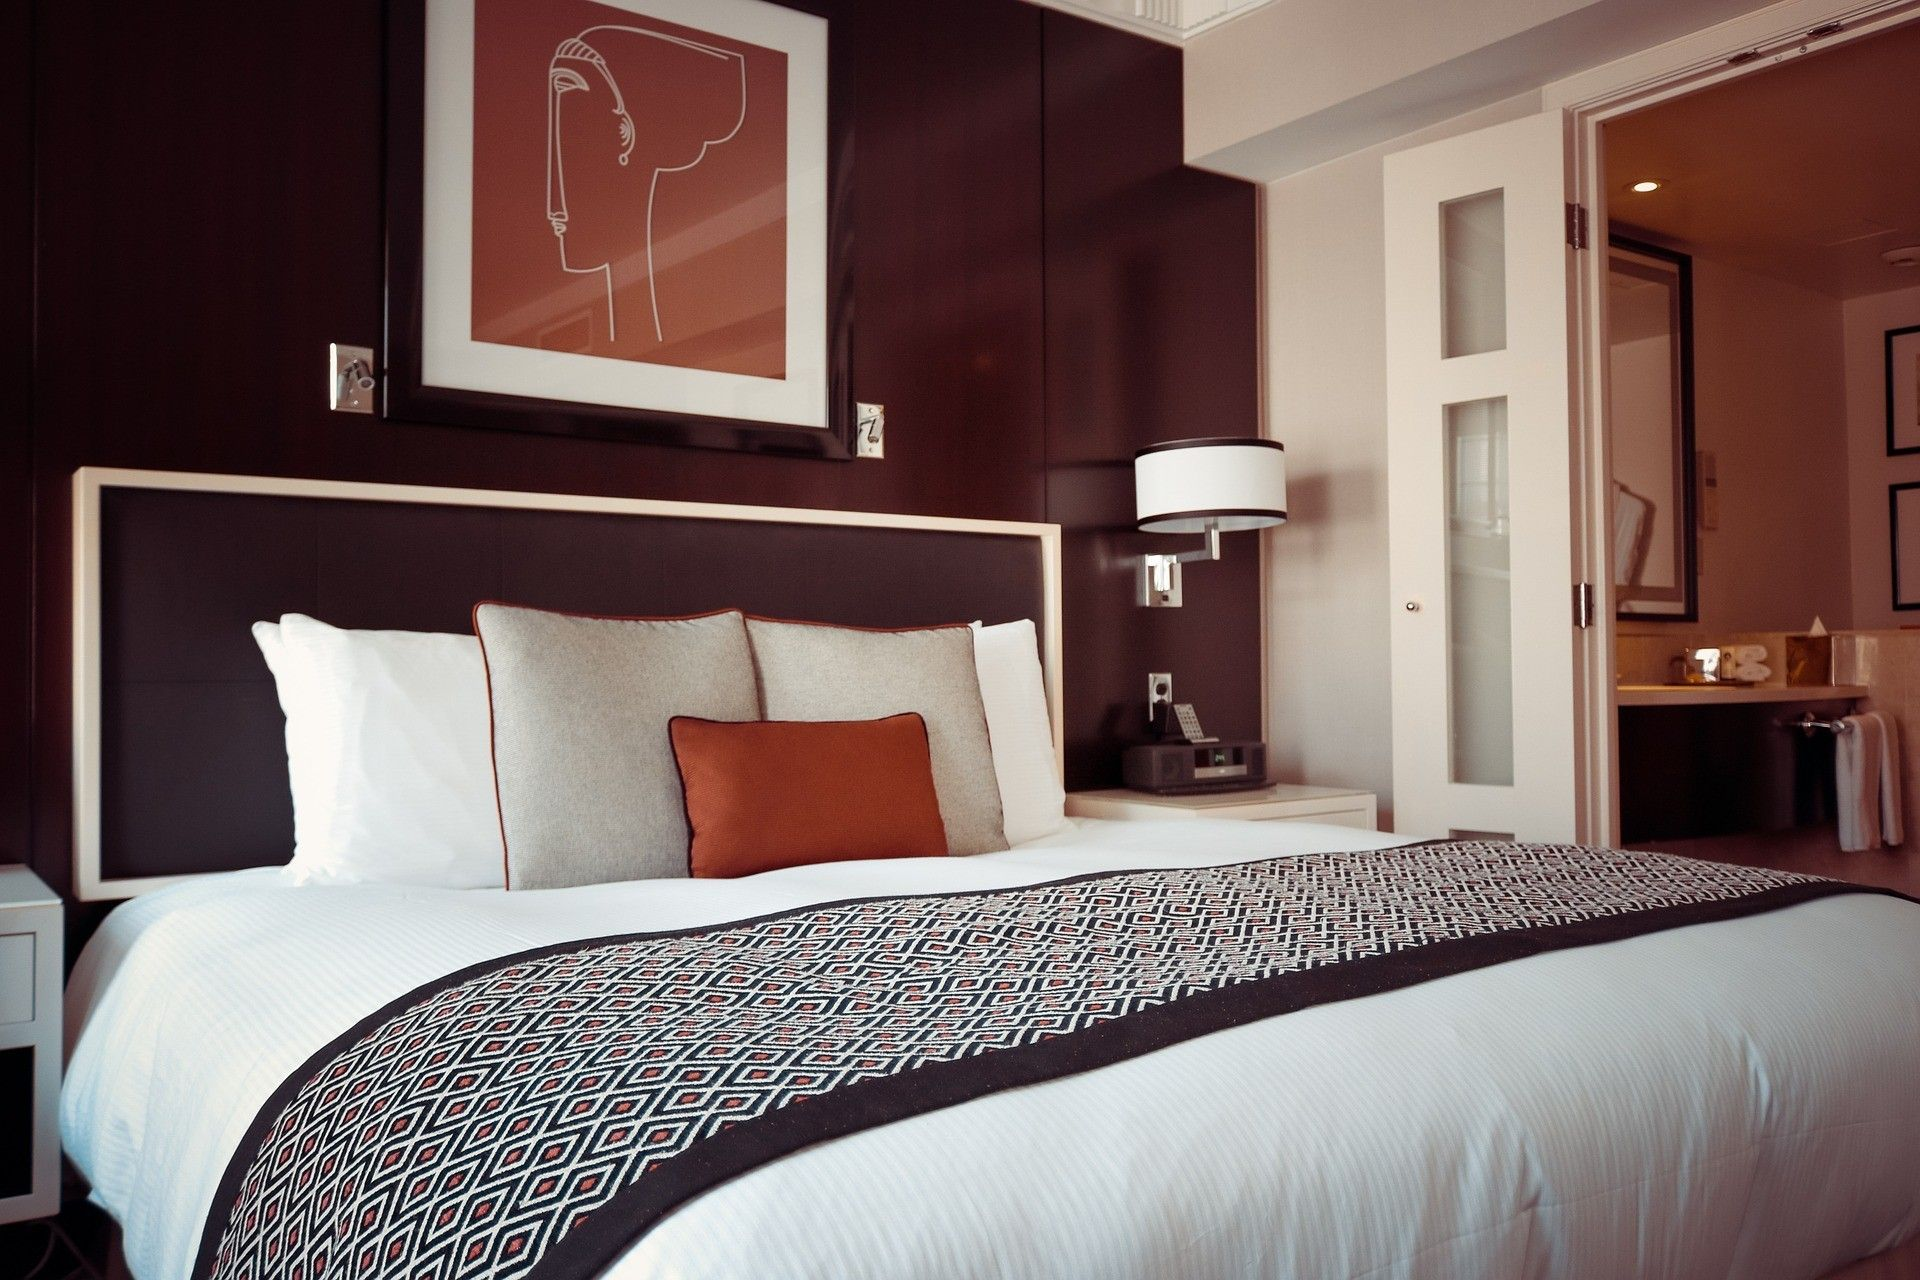 feng shui im schlafzimmer – dekorieren sie das schlafzimmer nach, Schlafzimmer entwurf